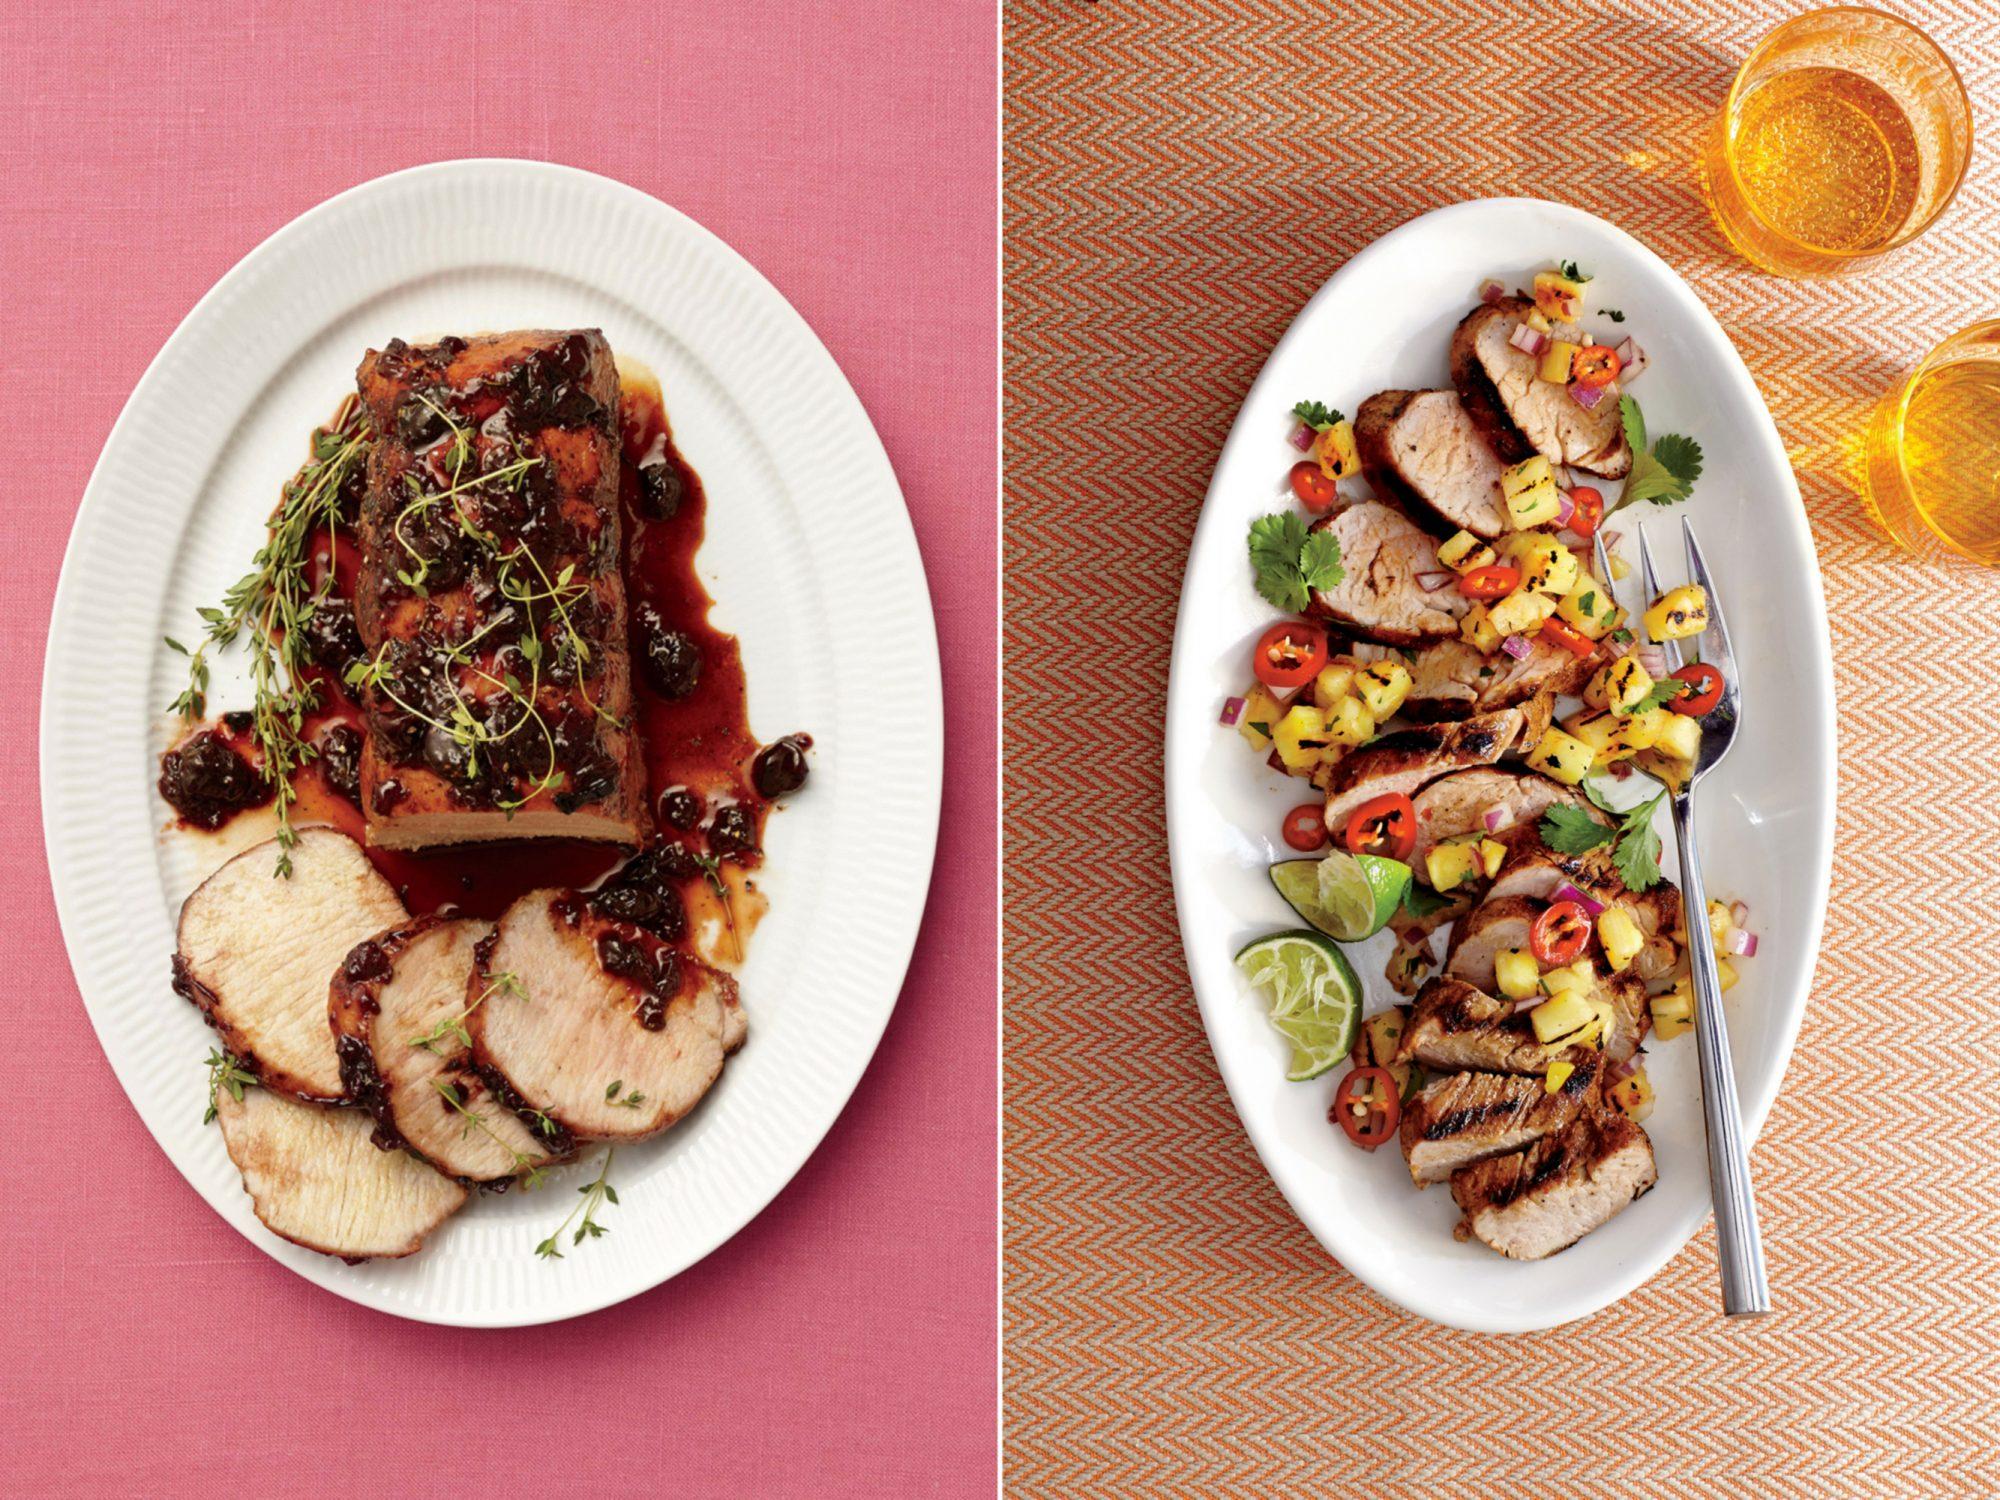 Pork Loin vs Pork Tenderloin